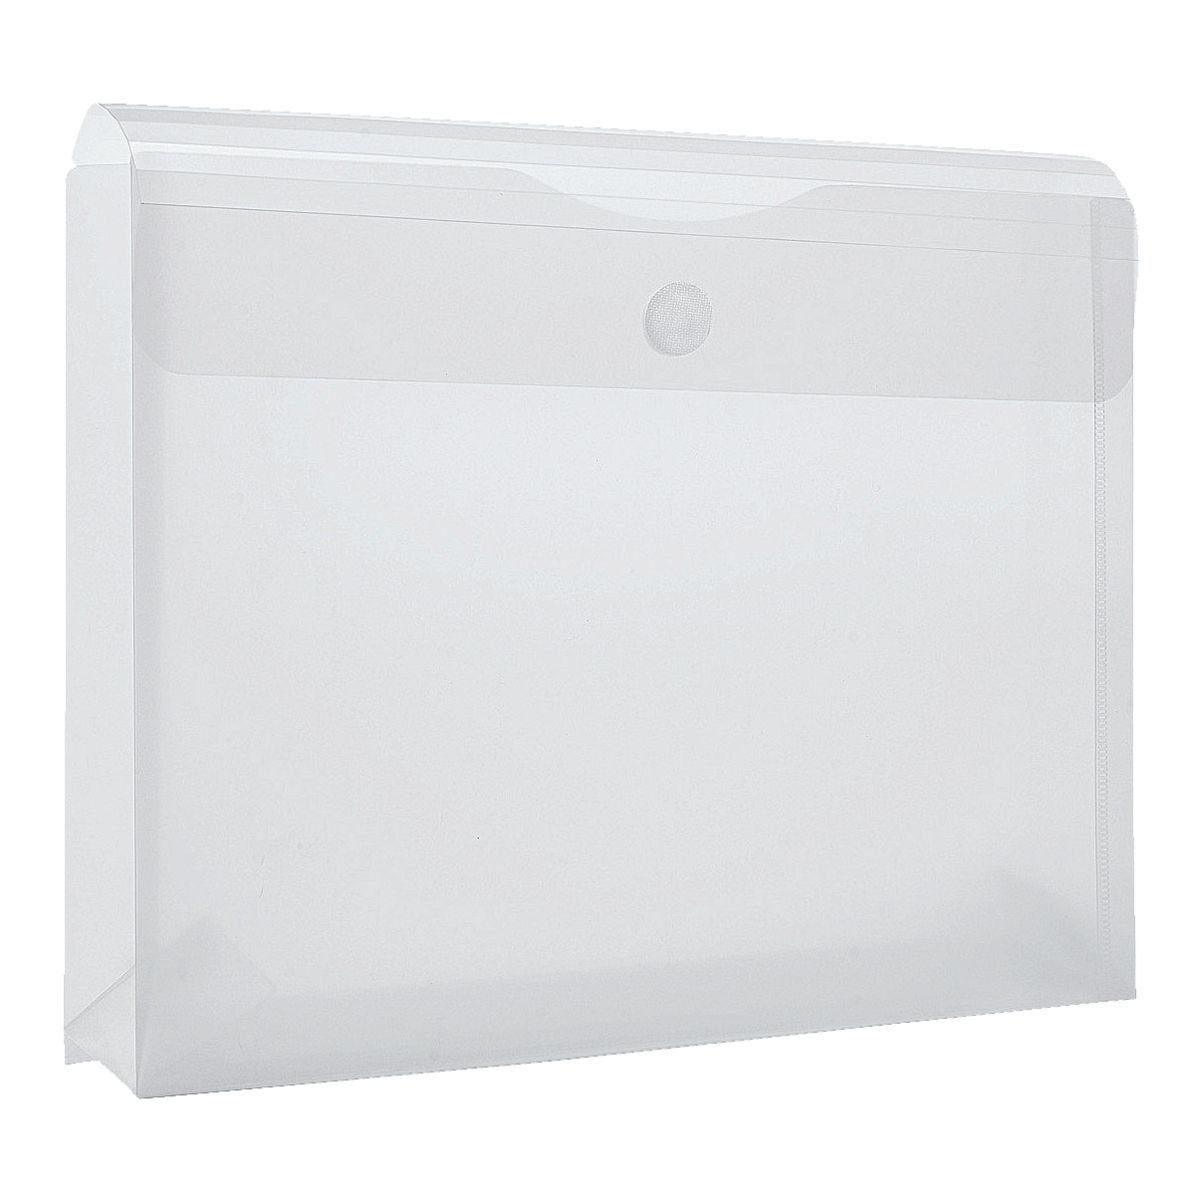 FOLDERSYS Sichttaschen »40138«